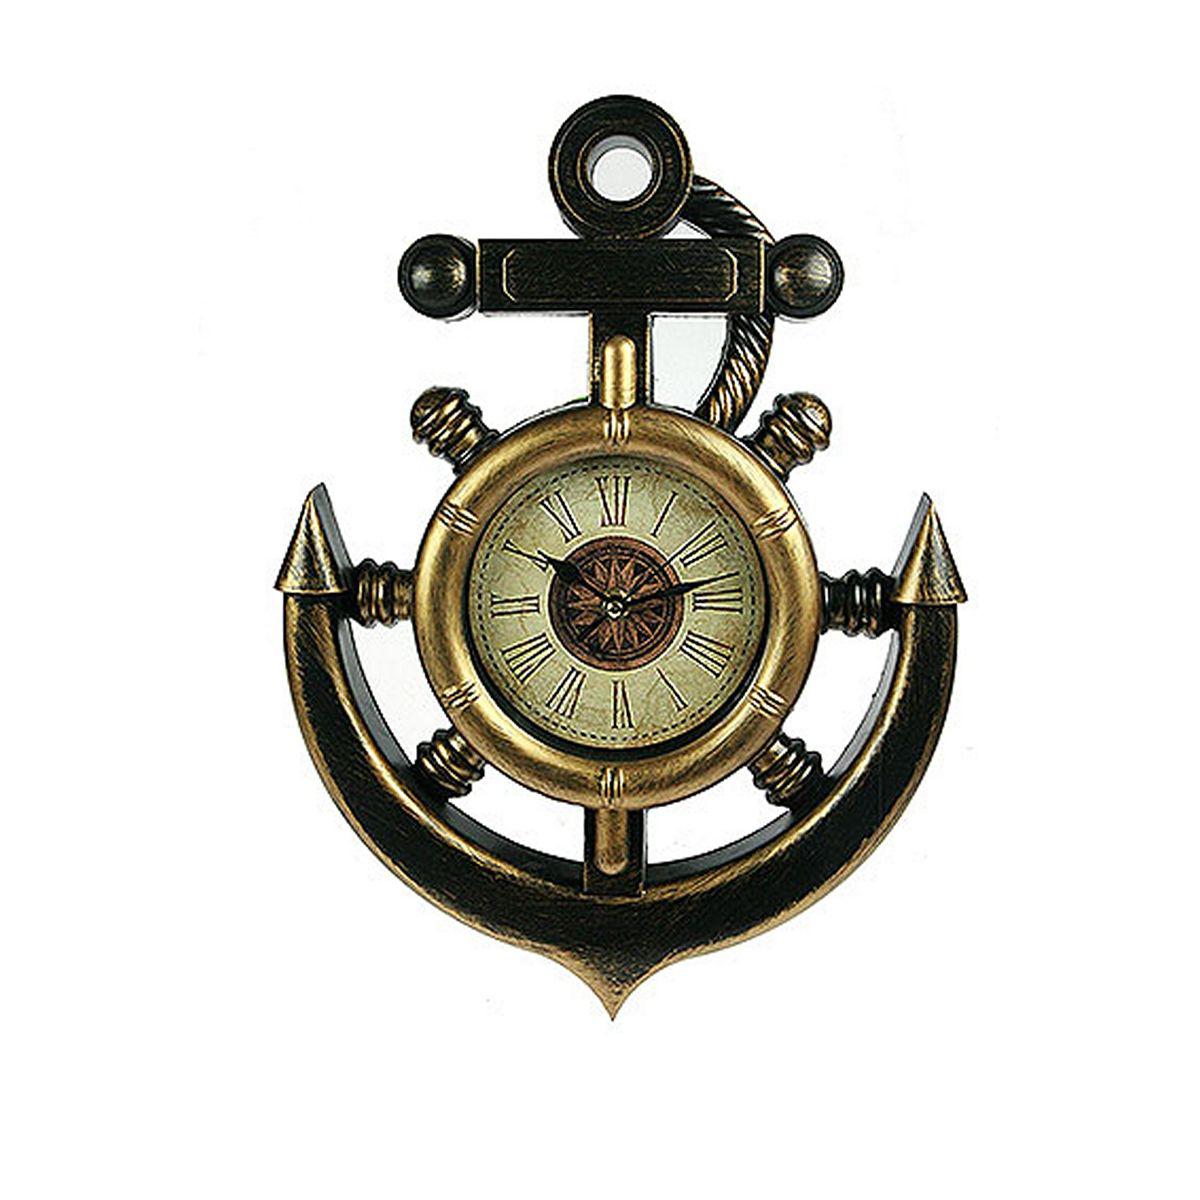 Часы настенные Русские Подарки Якорь, 28 х 39 см. 222435СК011 2443Настенные кварцевые часы Русские Подарки Якорь изготовлены из пластика. Корпус оригинально оформлен в виде якоря. Циферблат защищен стеклом. Часы имеют три стрелки - часовую, минутную и секундную. С обратной стороны имеетсяпетелька для подвешивания на стену. Такие часы красиво и необычно оформят интерьер дома или офиса. Также часы могут стать уникальным, полезным подарком для родственников, коллег, знакомых и близких.Часы работают от батареек типа АА (в комплект не входят).